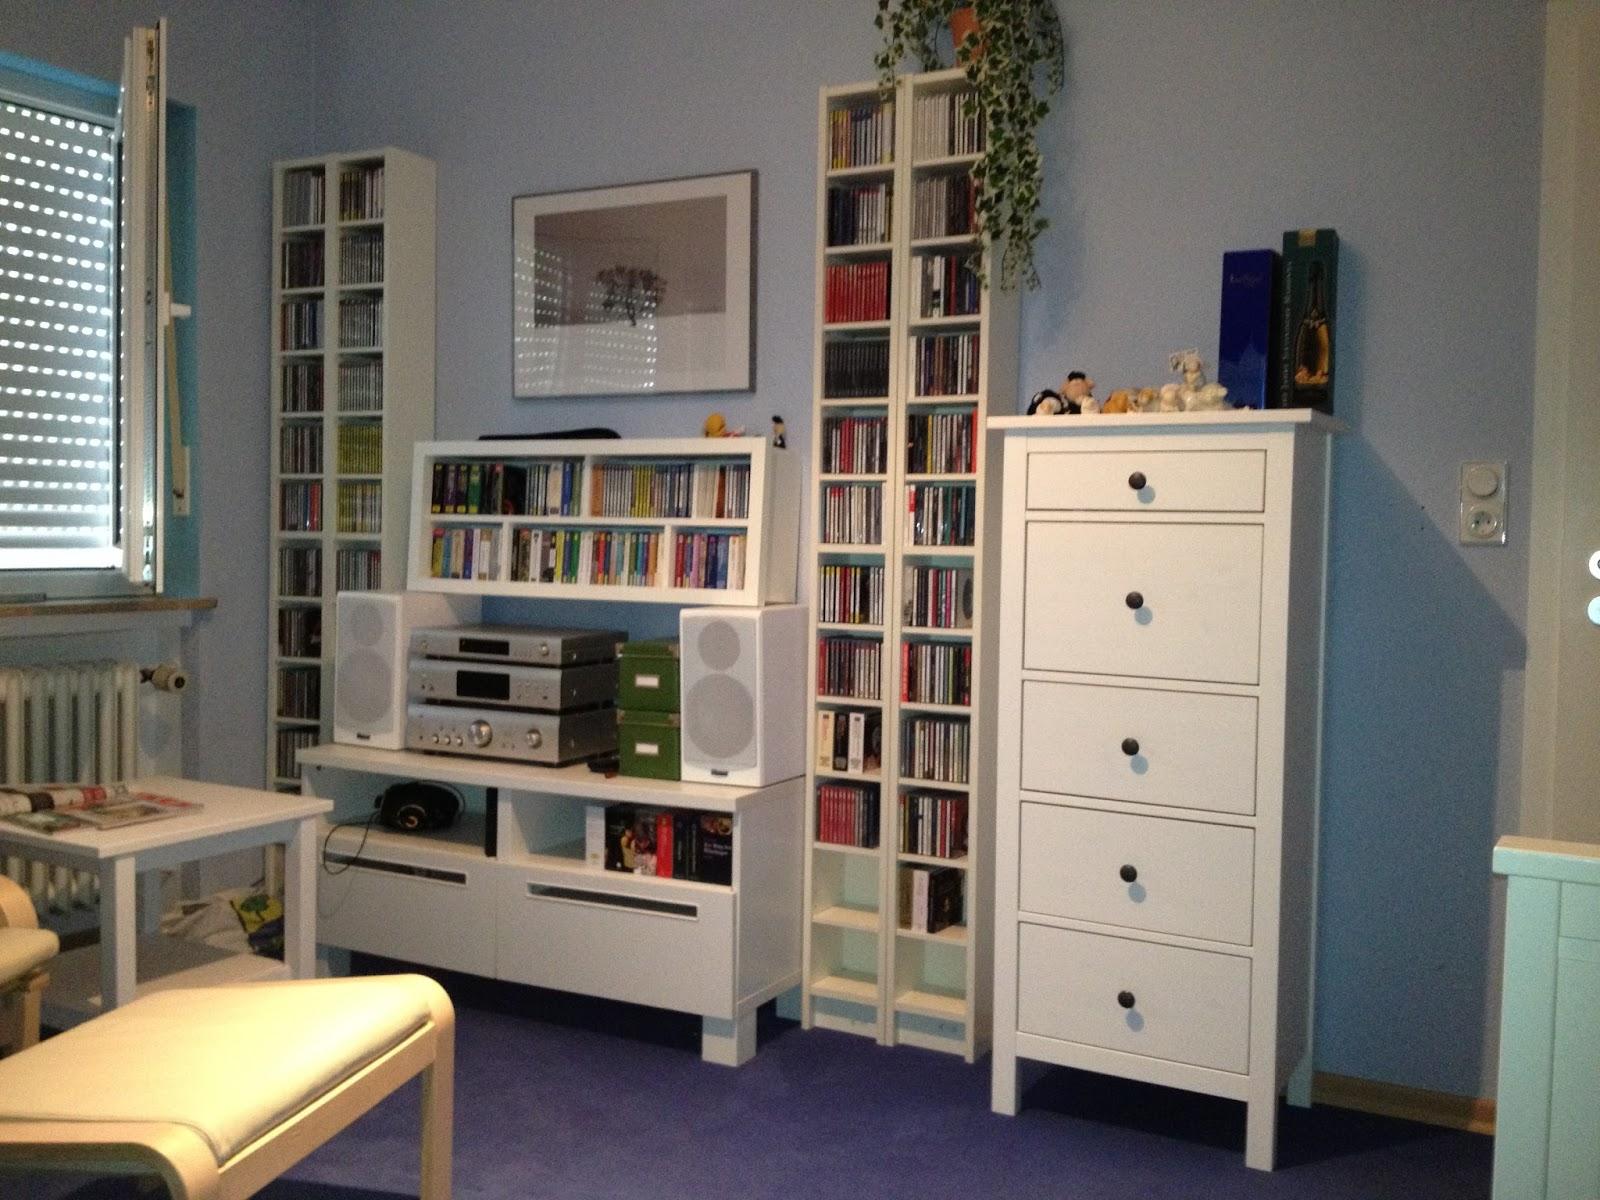 christophs blog august 2013. Black Bedroom Furniture Sets. Home Design Ideas